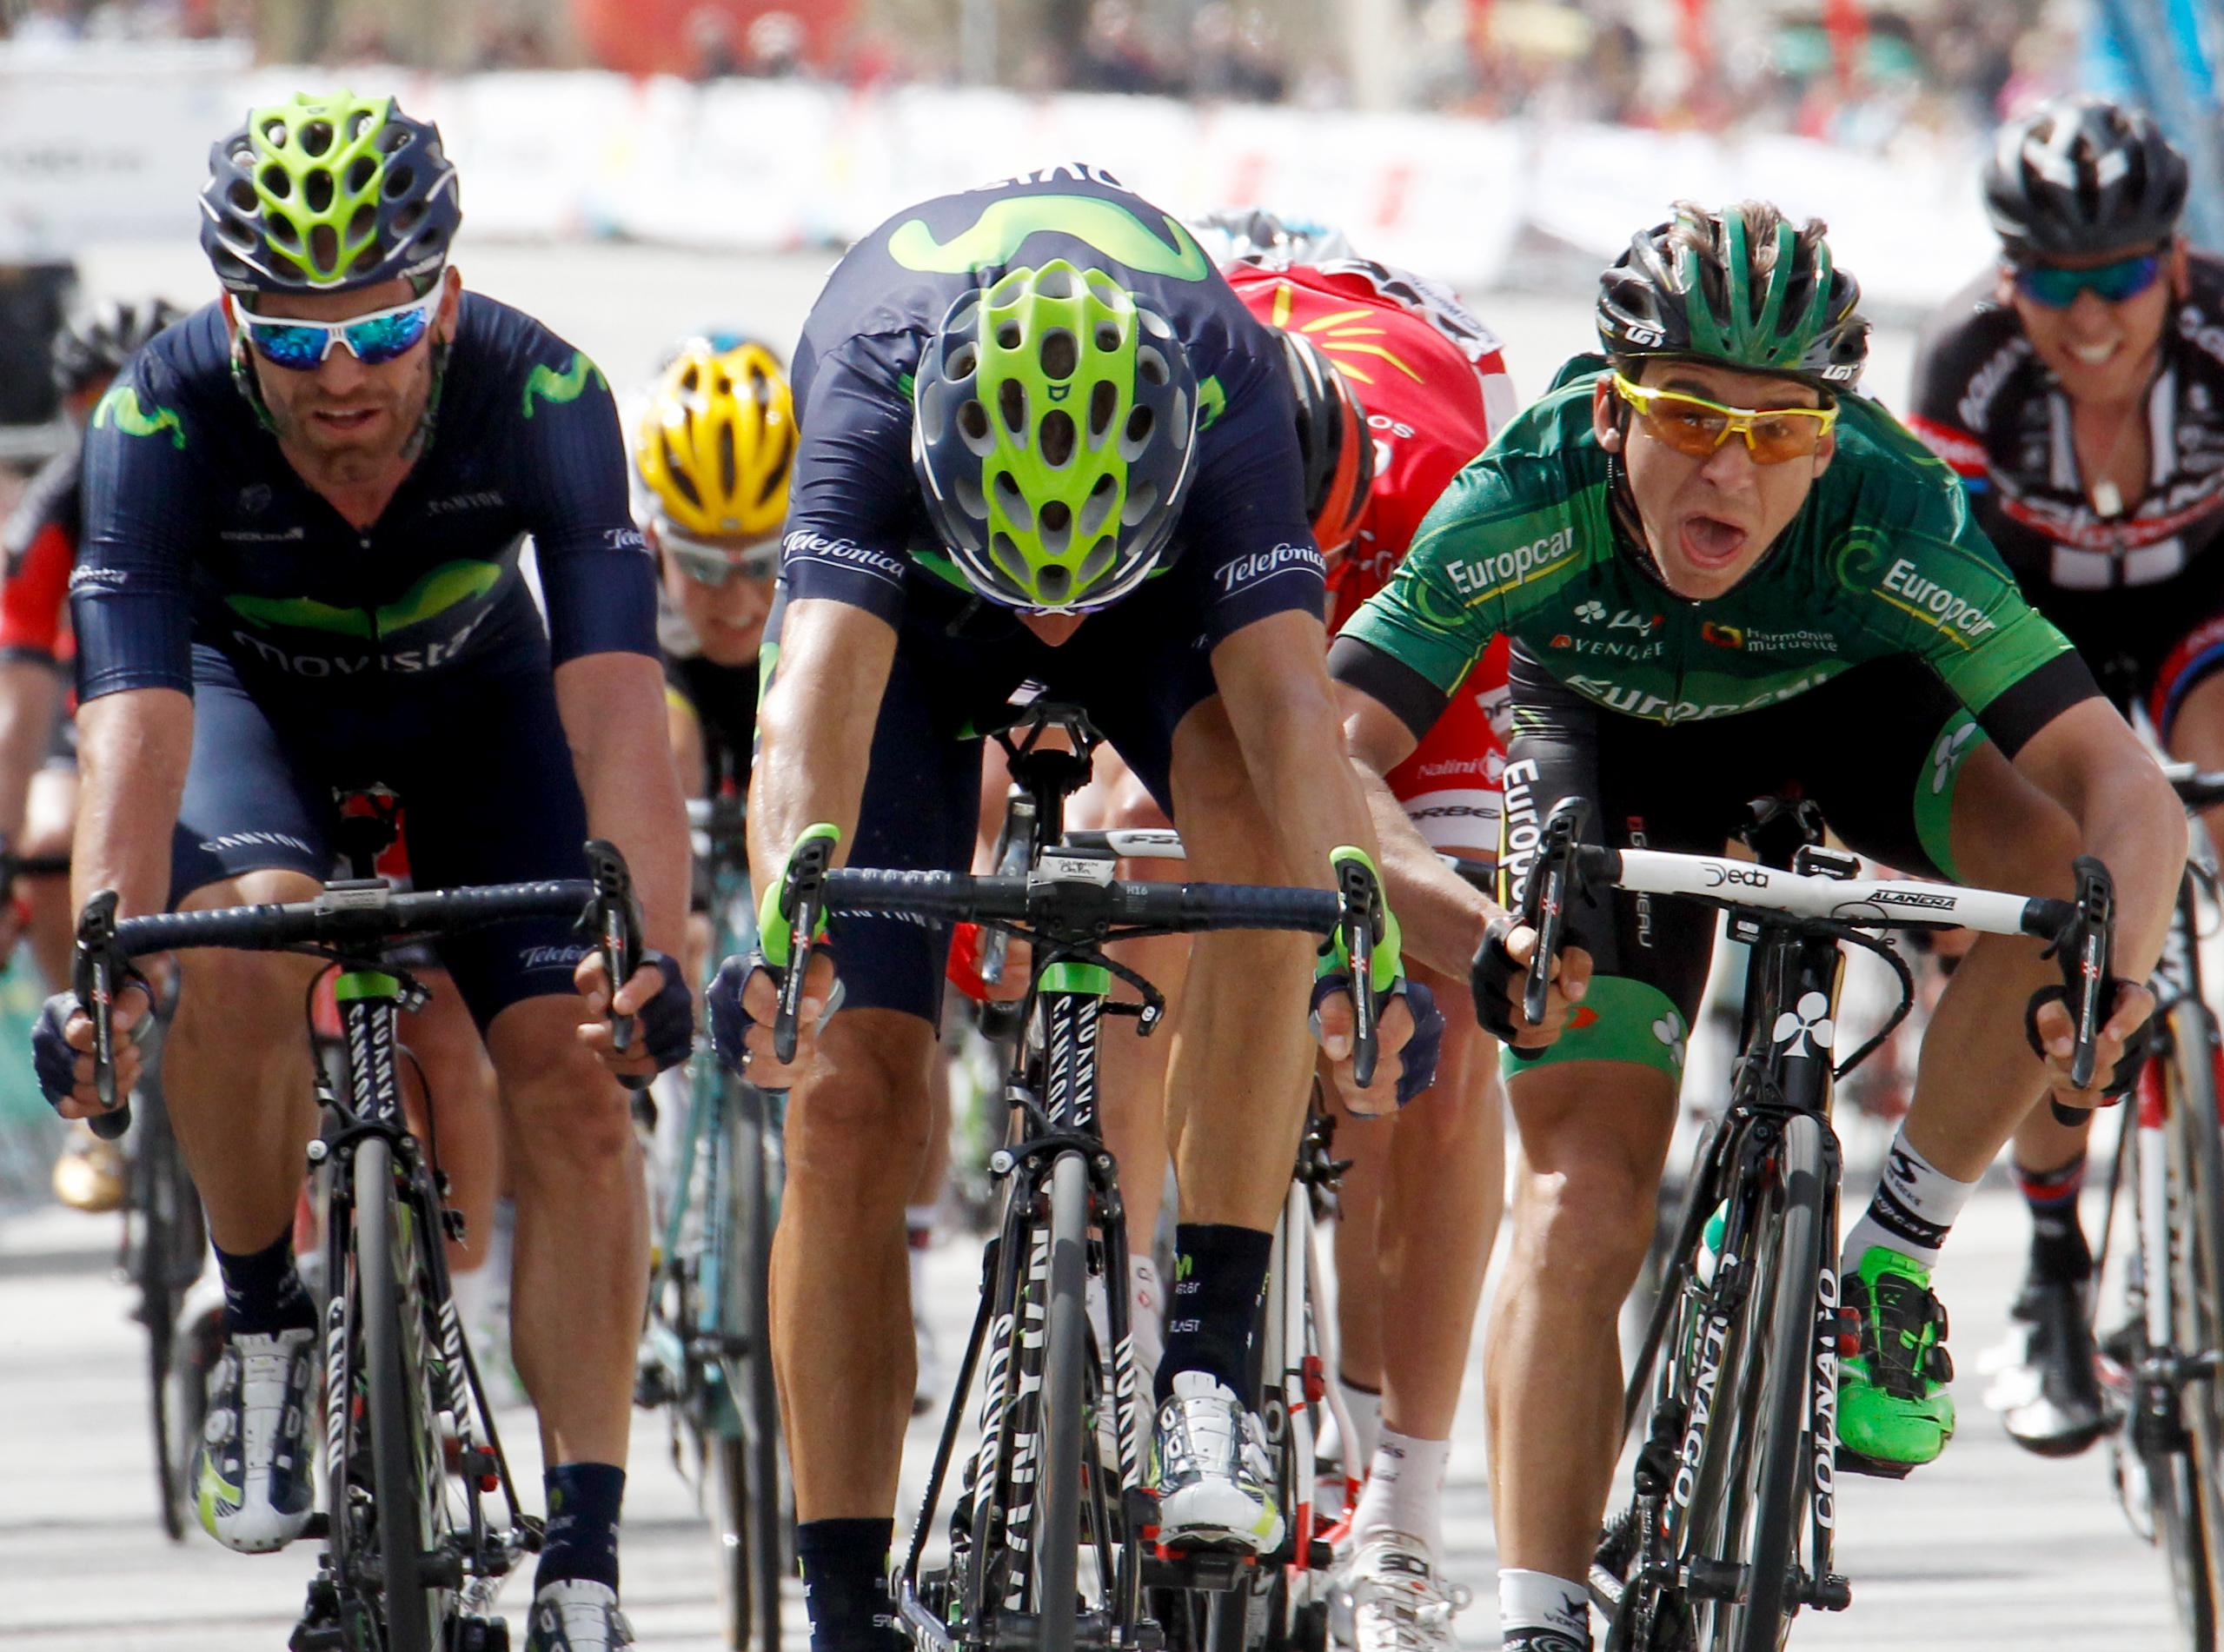 Porte trotz Valverdes 3. Etappensieg mit 4 Sekunden Vorsprung Gewinner der Katalonien-Rundfahrt